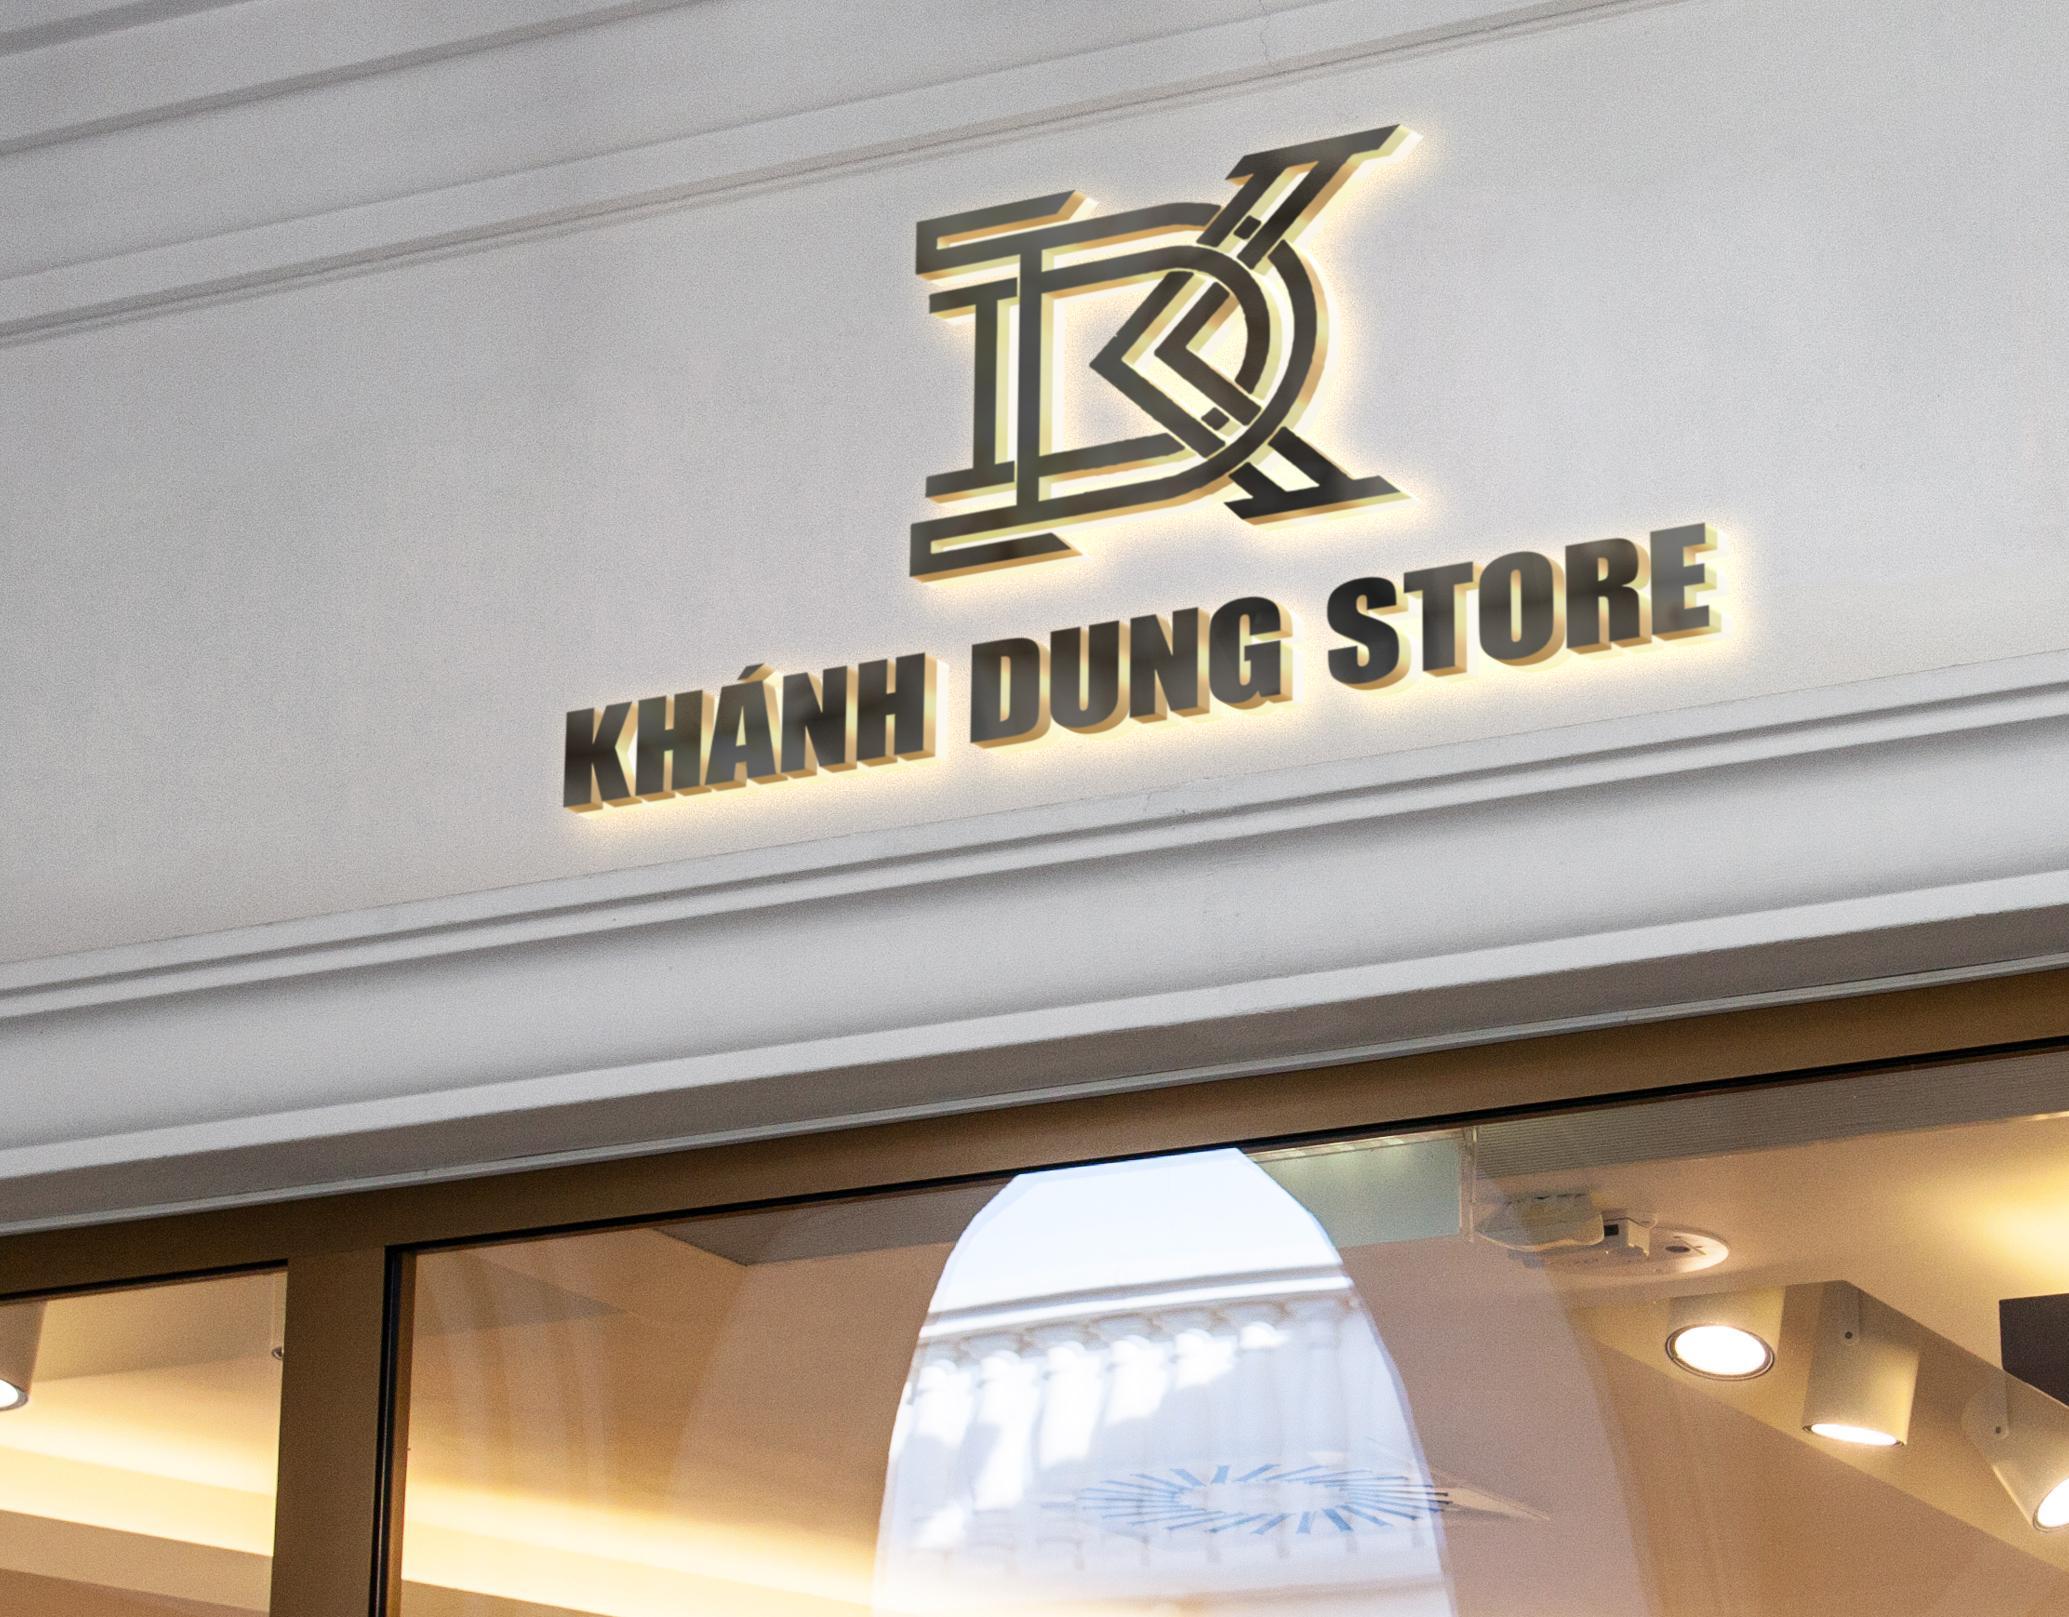 logo khánh dung store